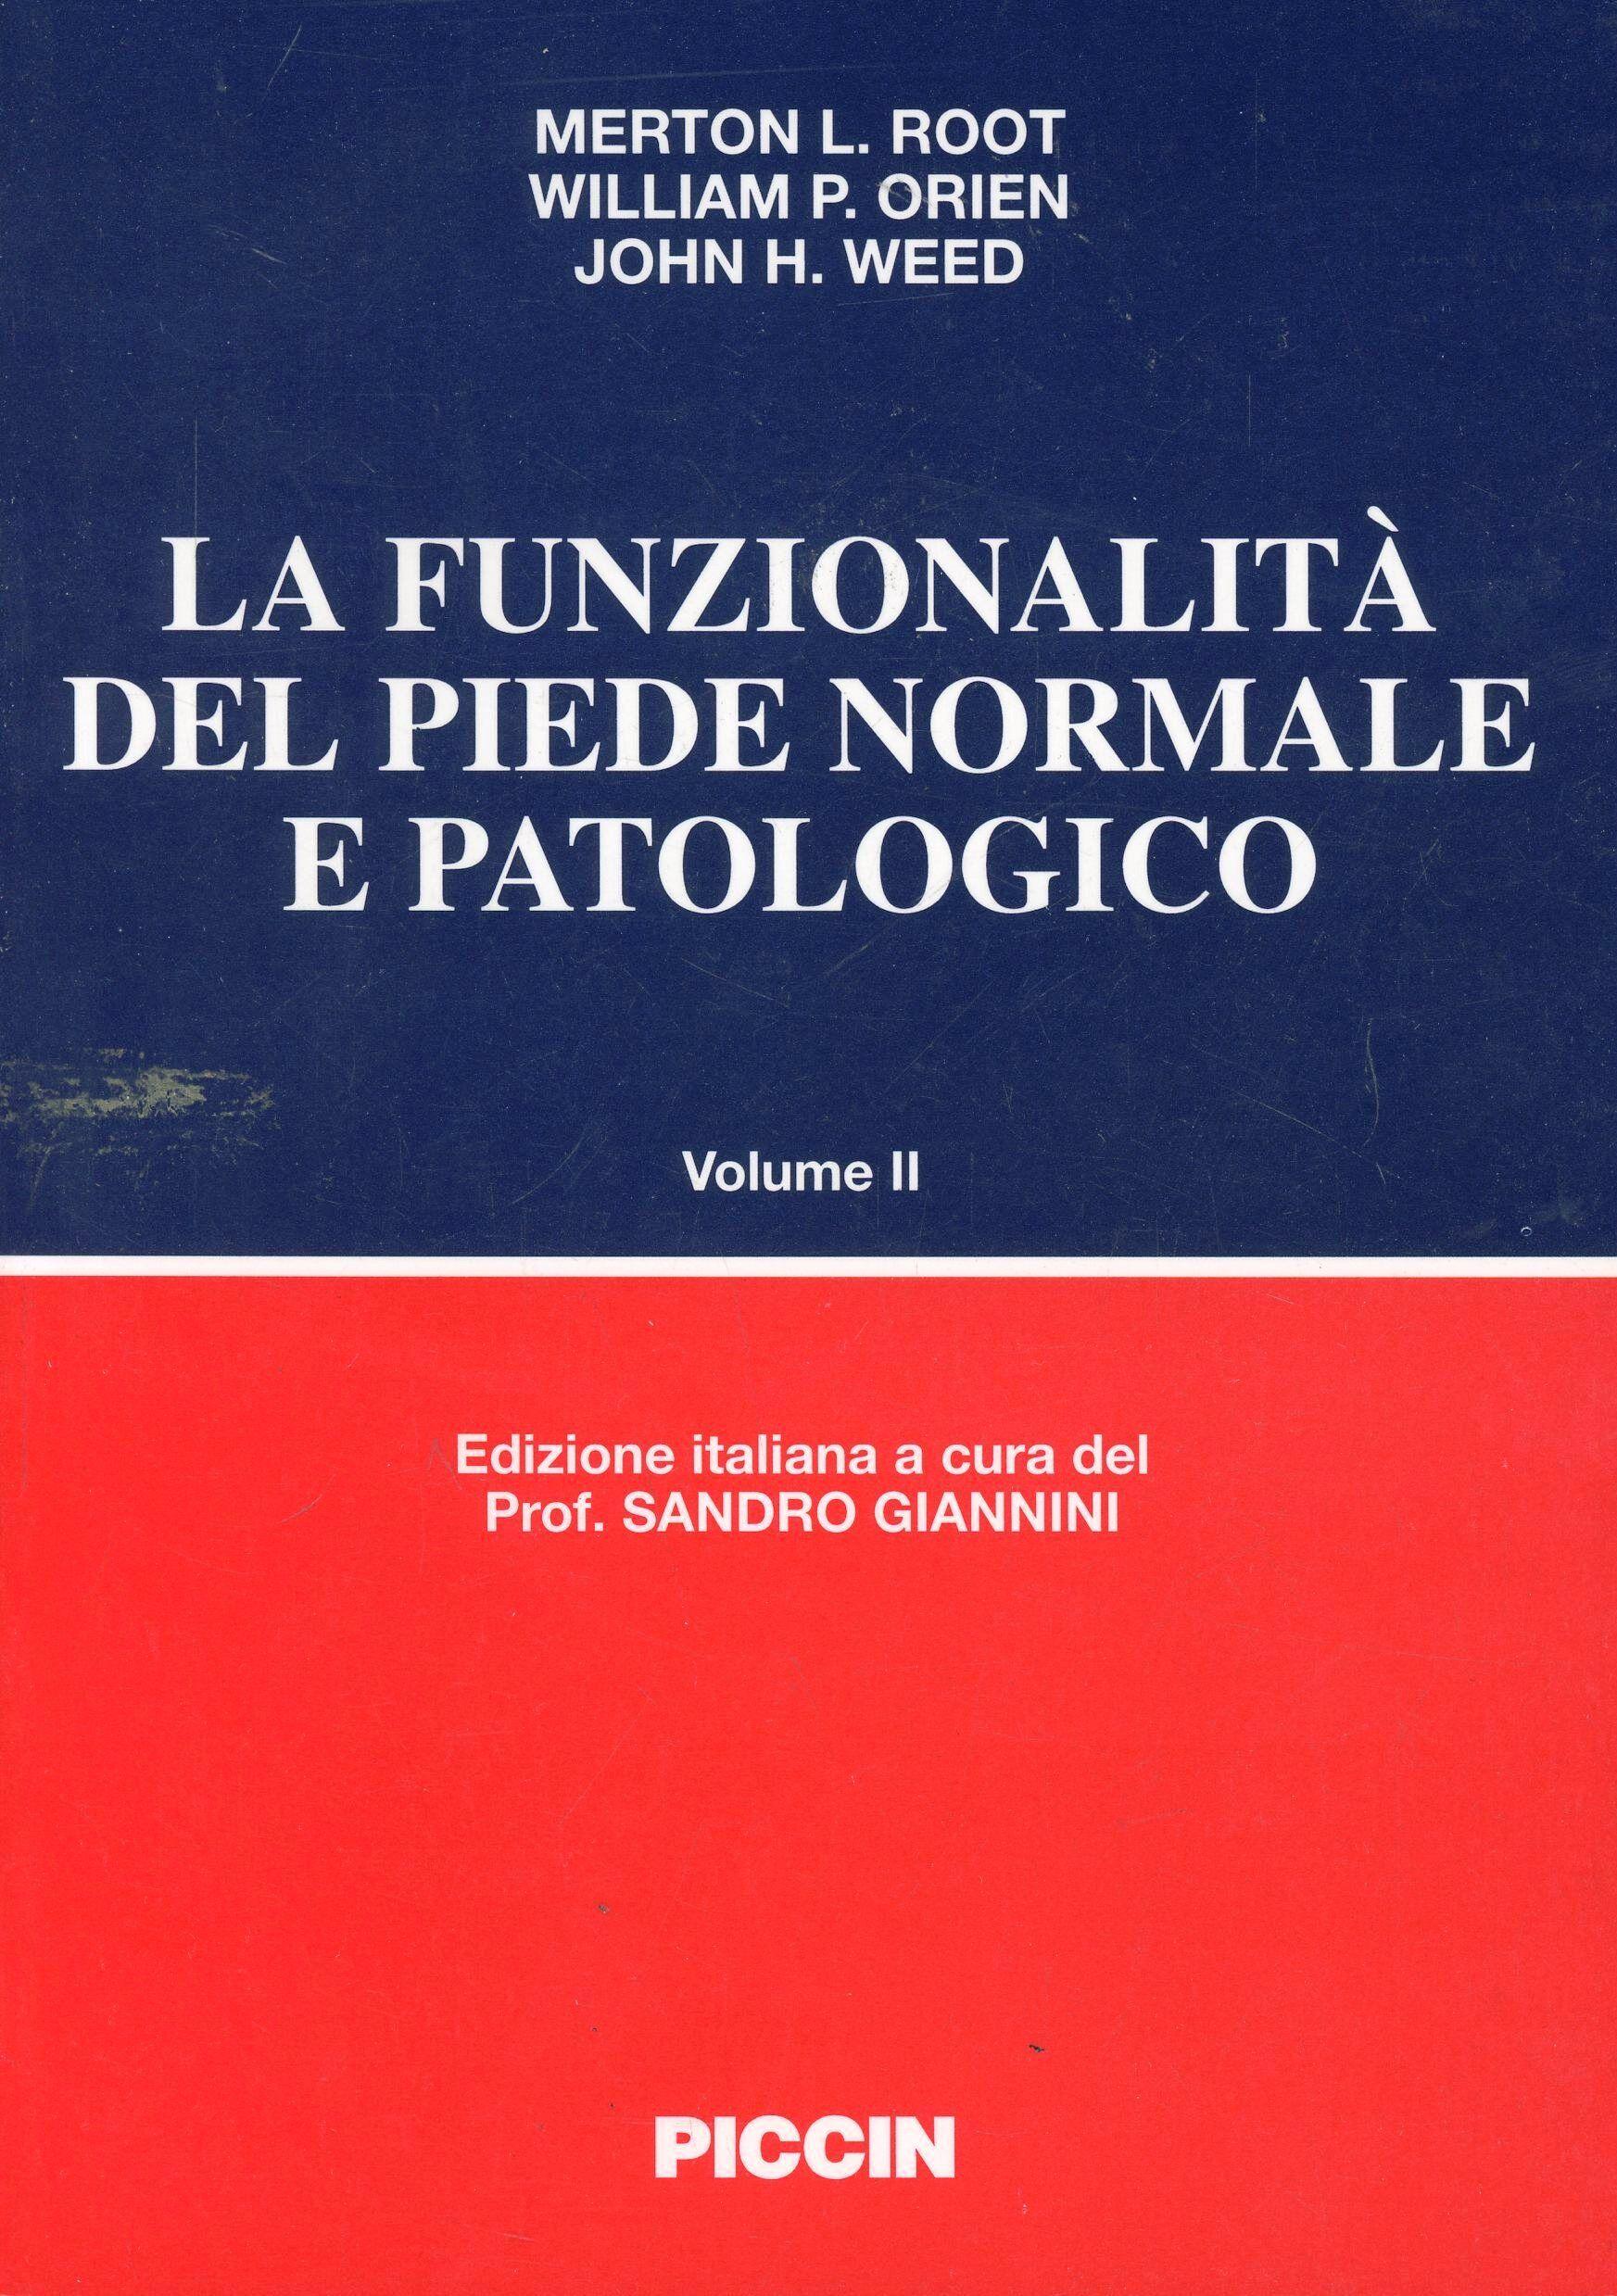 La funzionalità del piede normale e patologico. Vol. 2